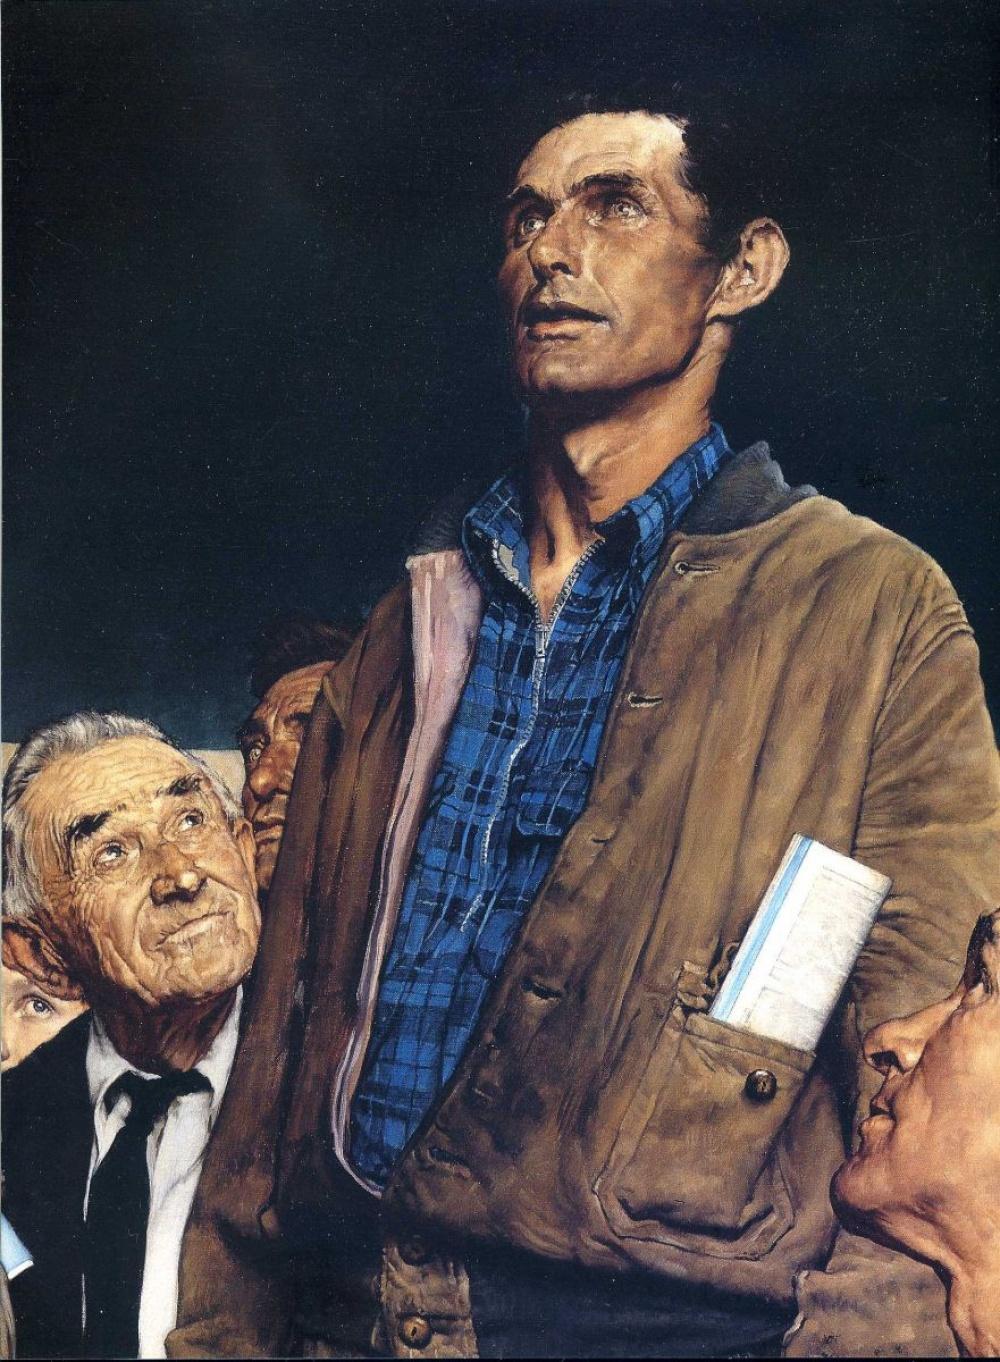 Самая известная работа Роквелла — это серия картин «Четыре свободы», вдохновленные речью Рузвельта о